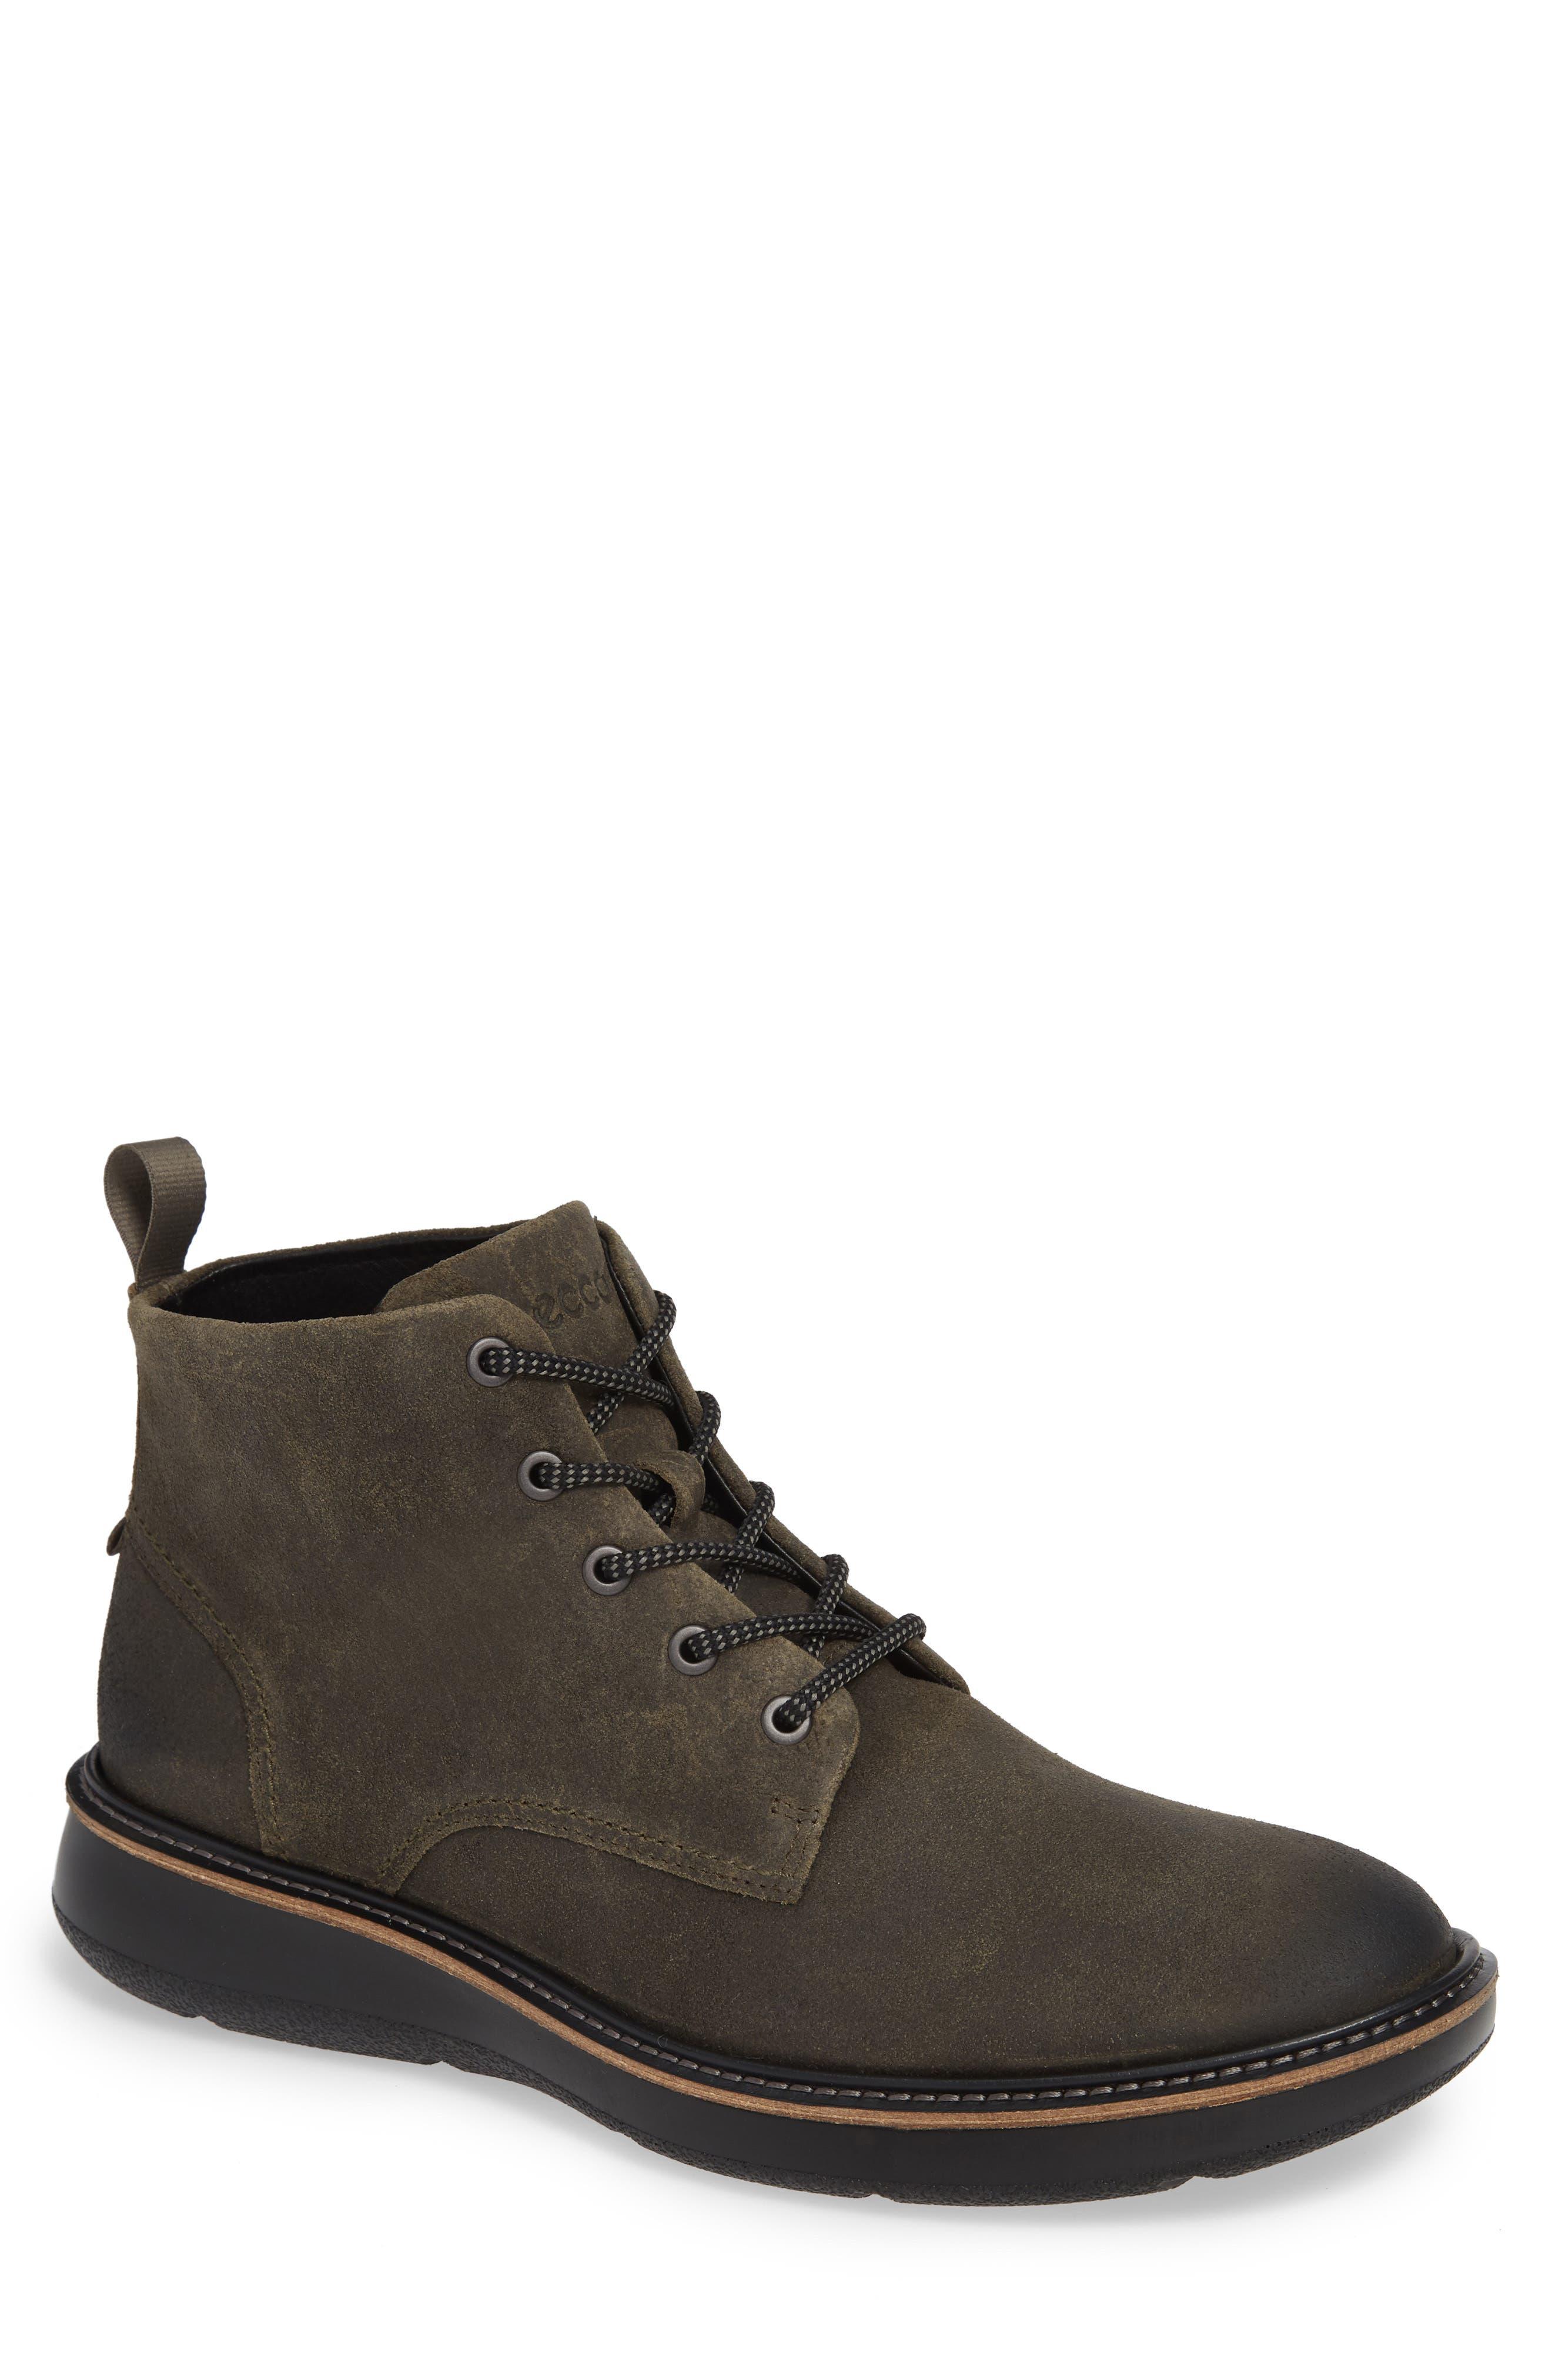 3a10b3072c26 Ecco Aurora Plain Toe Boot